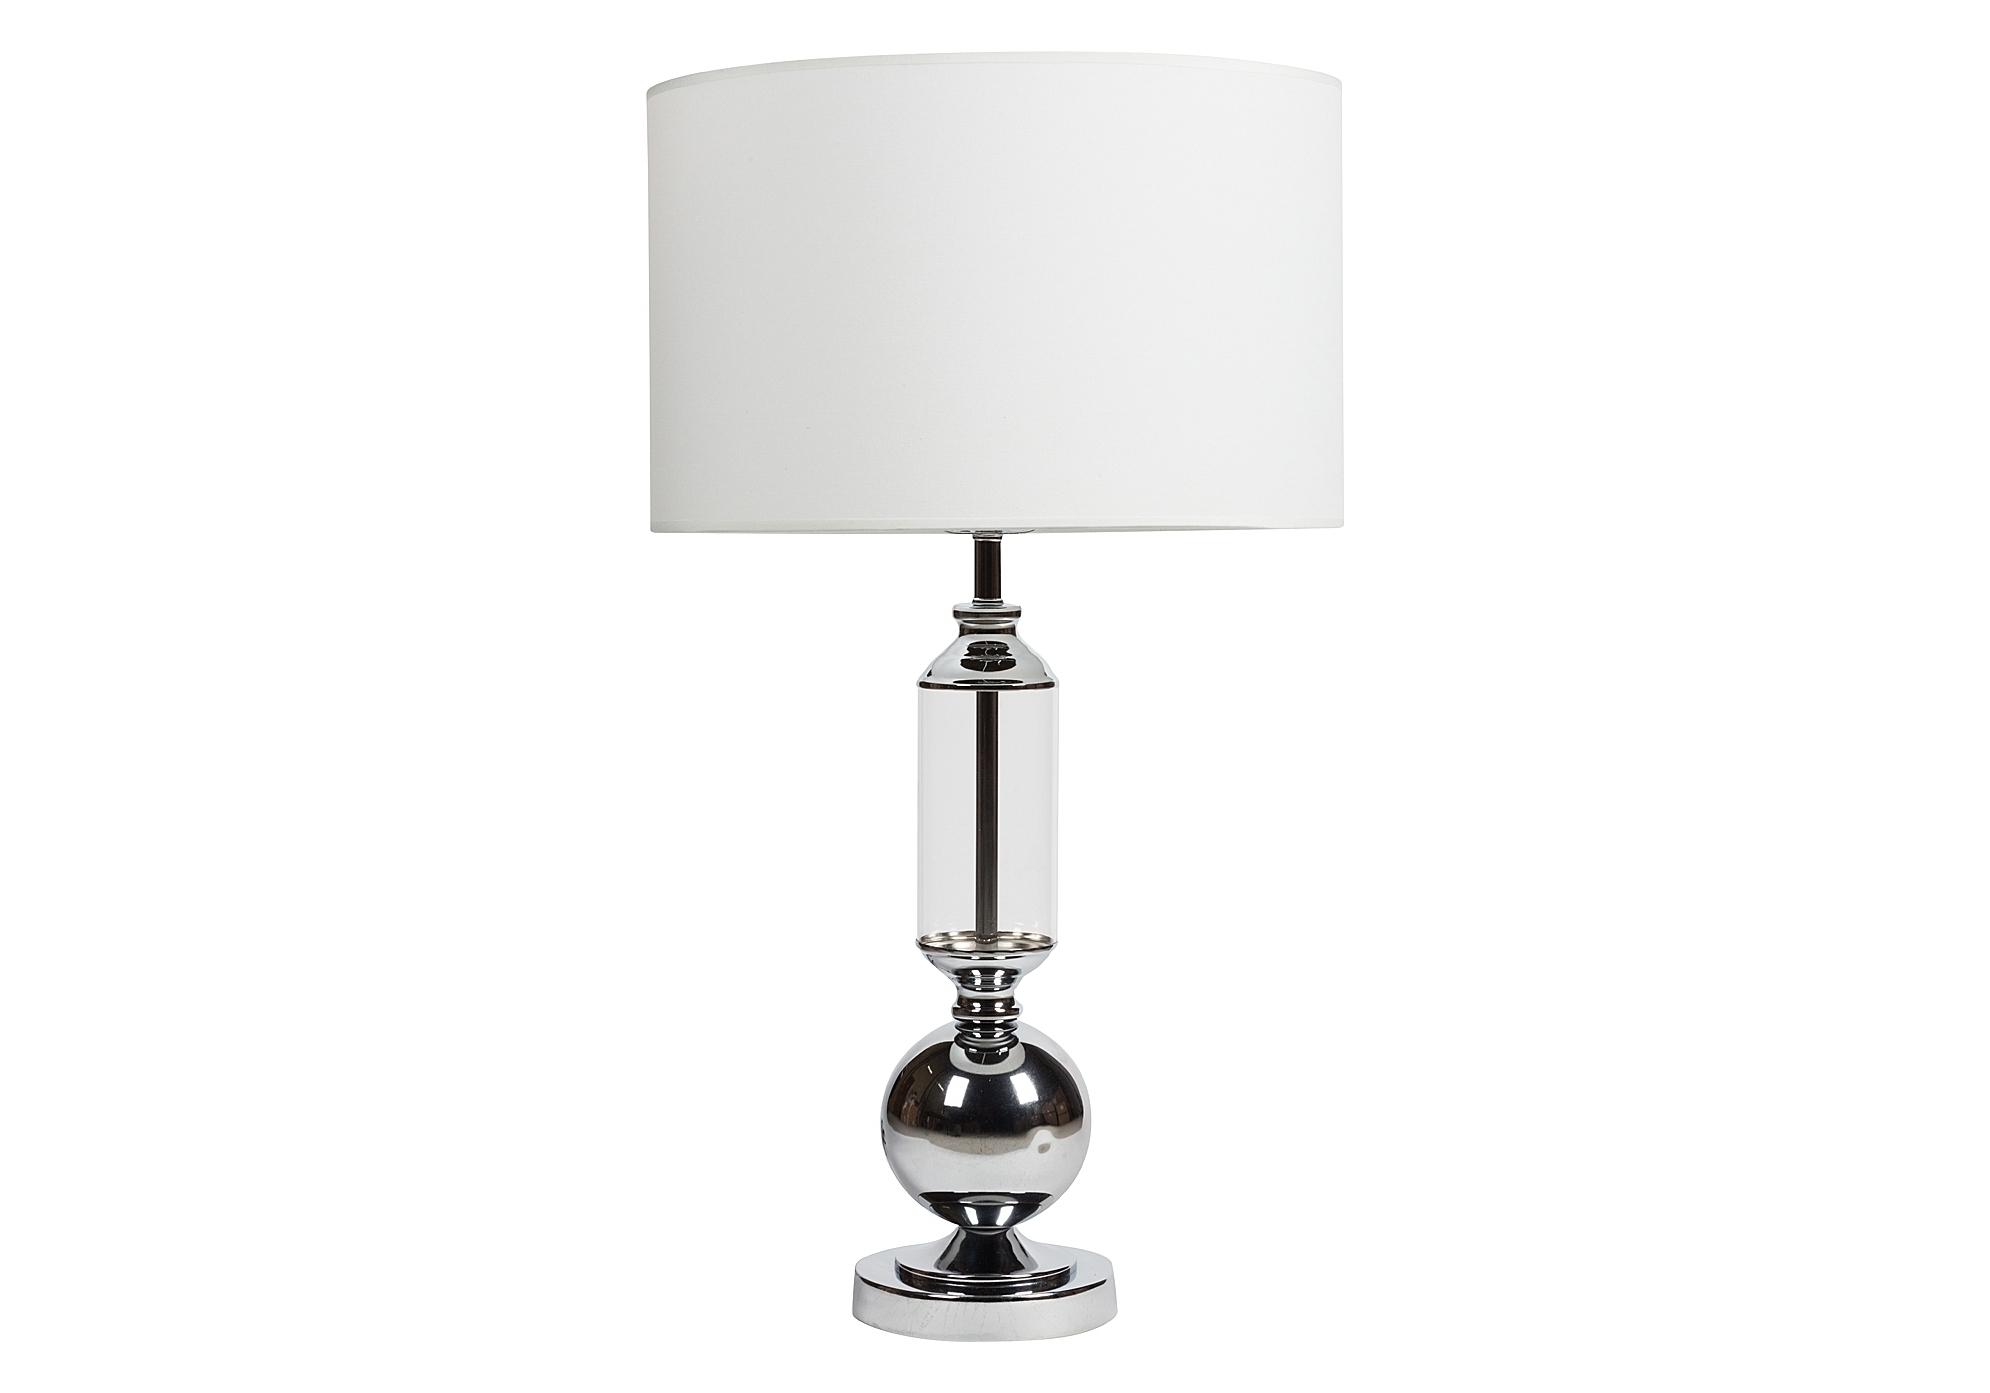 Настольная лампа Rosaleen Table LampДекоративные лампы<br>&amp;lt;div&amp;gt;&amp;lt;div style=&amp;quot;line-height: 24.9999px;&amp;quot;&amp;gt;&amp;lt;div&amp;gt;Цоколь: E27&amp;lt;/div&amp;gt;&amp;lt;div&amp;gt;Мощность ламп: 60W&amp;lt;/div&amp;gt;&amp;lt;div&amp;gt;Количество лампочек: 1&amp;lt;/div&amp;gt;&amp;lt;/div&amp;gt;&amp;lt;div style=&amp;quot;line-height: 24.9999px;&amp;quot;&amp;gt;&amp;lt;span style=&amp;quot;line-height: 24.9999px;&amp;quot;&amp;gt;Максимальная площадь освещения: 4&amp;lt;/span&amp;gt;&amp;lt;span style=&amp;quot;font-family: arial, sans, sans-serif; font-size: 13px; line-height: 23.2142px;&amp;quot;&amp;gt;м&amp;lt;/span&amp;gt;&amp;lt;br&amp;gt;&amp;lt;/div&amp;gt;&amp;lt;/div&amp;gt;&amp;lt;div&amp;gt;&amp;lt;span style=&amp;quot;line-height: 24.9999px;&amp;quot;&amp;gt;Материал: Металл, Стекло, Ткань&amp;lt;/span&amp;gt;&amp;lt;span style=&amp;quot;line-height: 24.9999px;&amp;quot;&amp;gt;&amp;lt;br&amp;gt;&amp;lt;/span&amp;gt;&amp;lt;/div&amp;gt;&amp;lt;div&amp;gt;&amp;lt;br&amp;gt;&amp;lt;/div&amp;gt;<br><br>Material: Металл<br>Height см: 68<br>Diameter см: 38